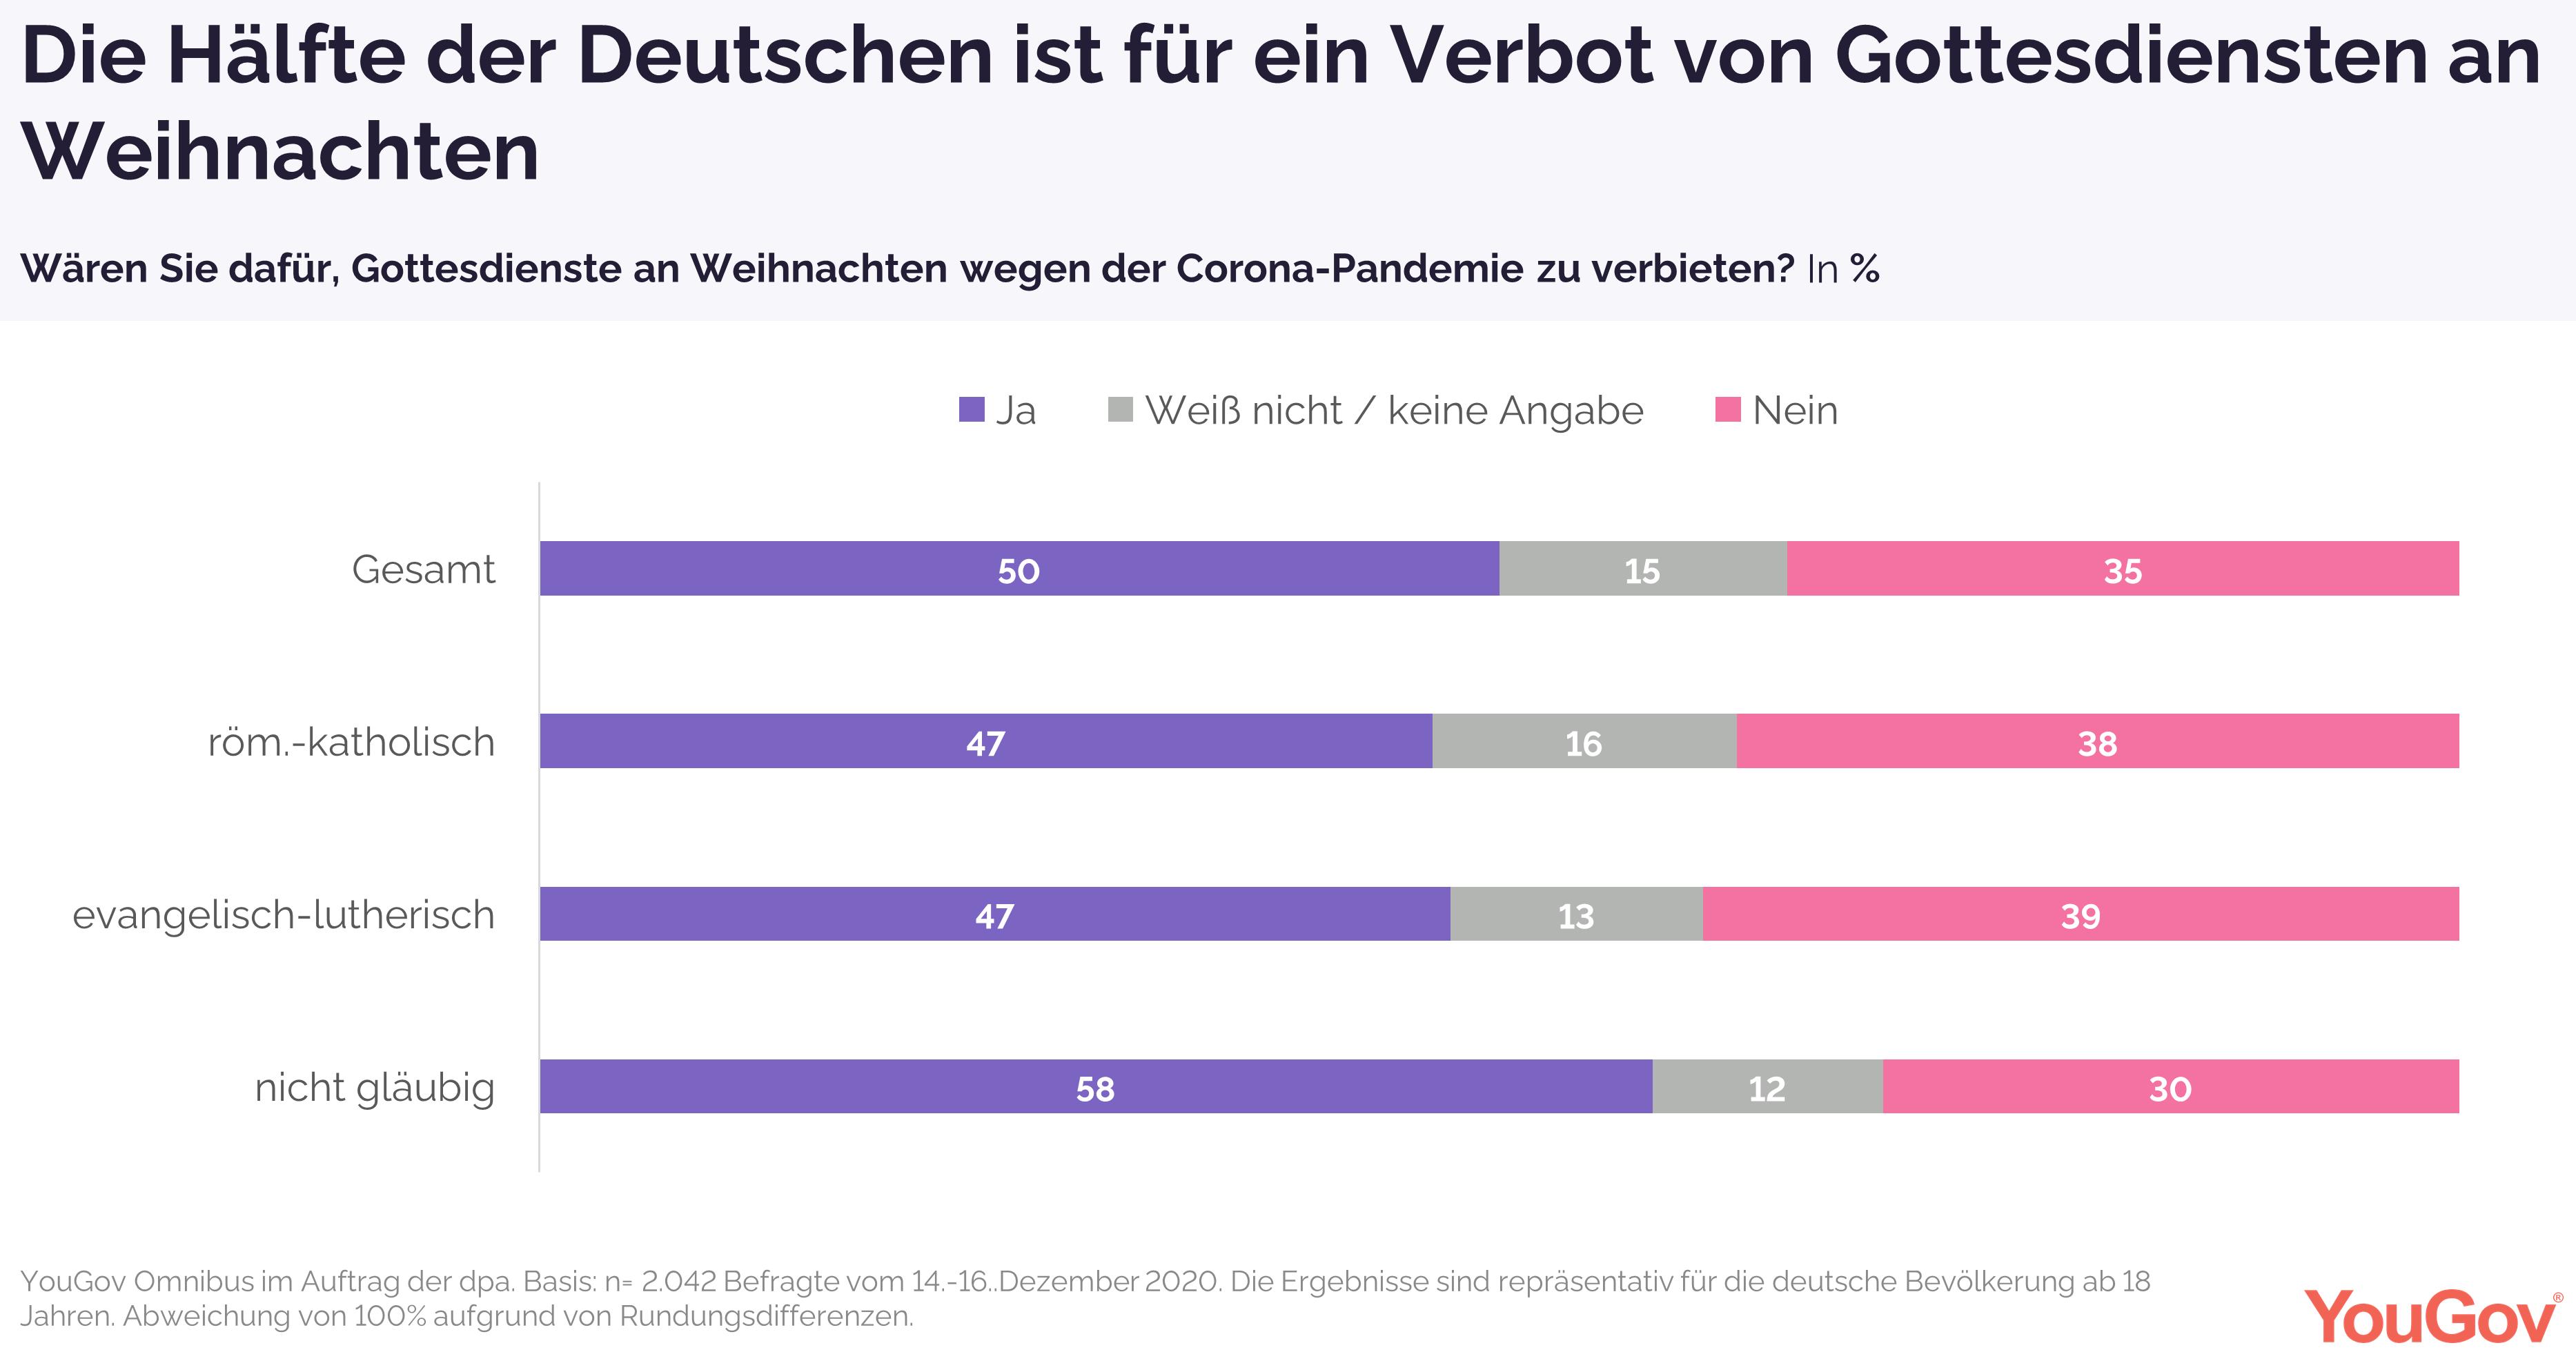 Hälfte der Deutschen ist für Gottesdienst-Verbot